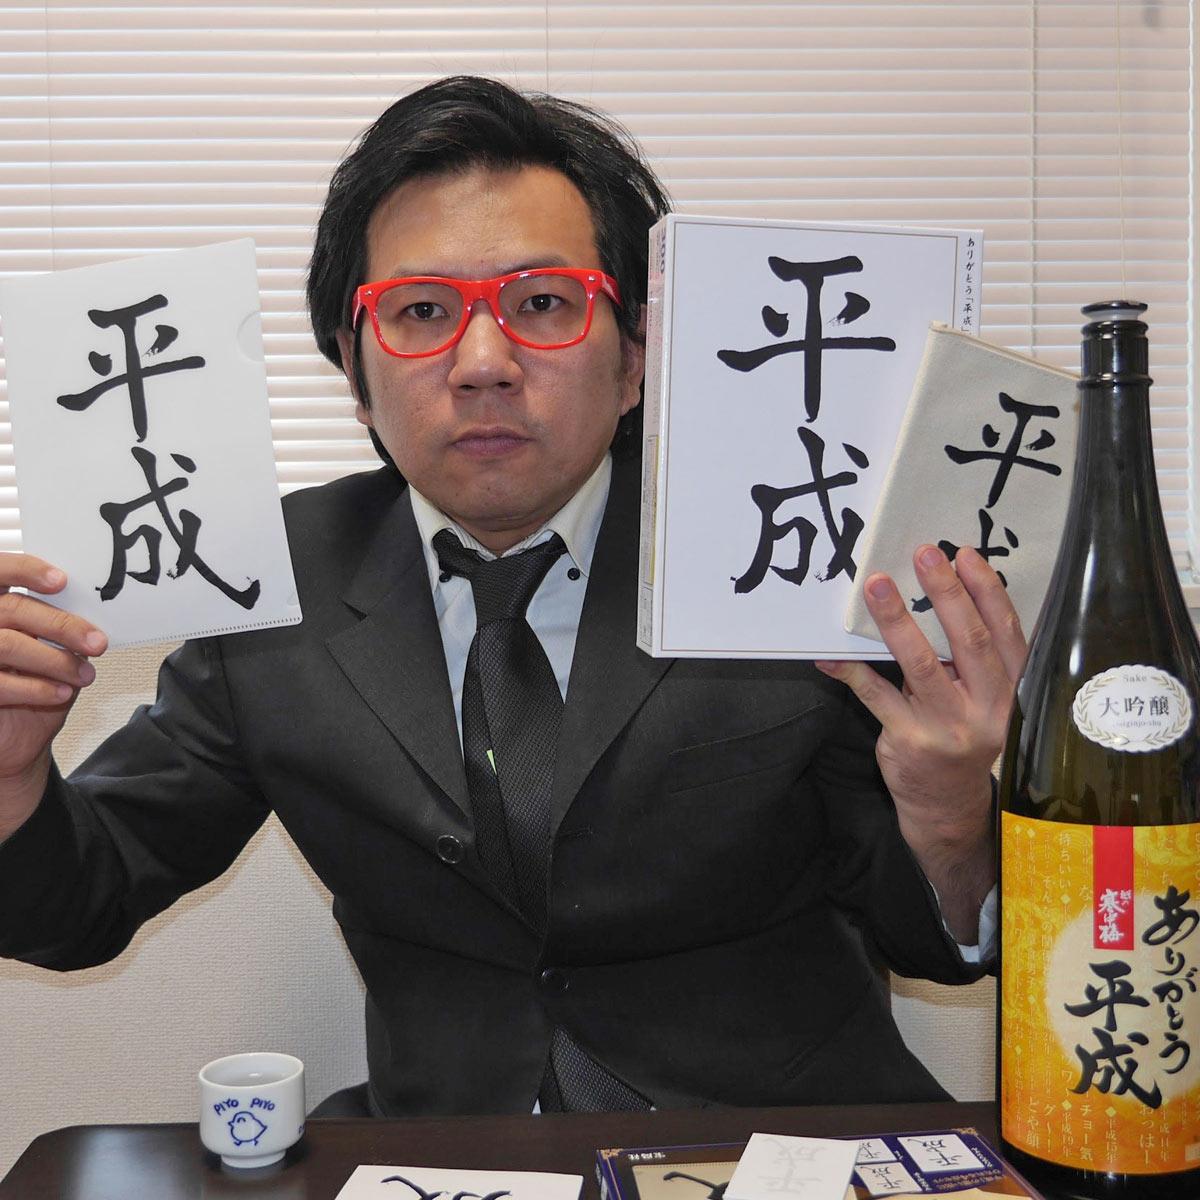 """「平成」愛を見せつけろ! わかる人にはわかる""""あの文字""""がまさかのグッズ化w"""